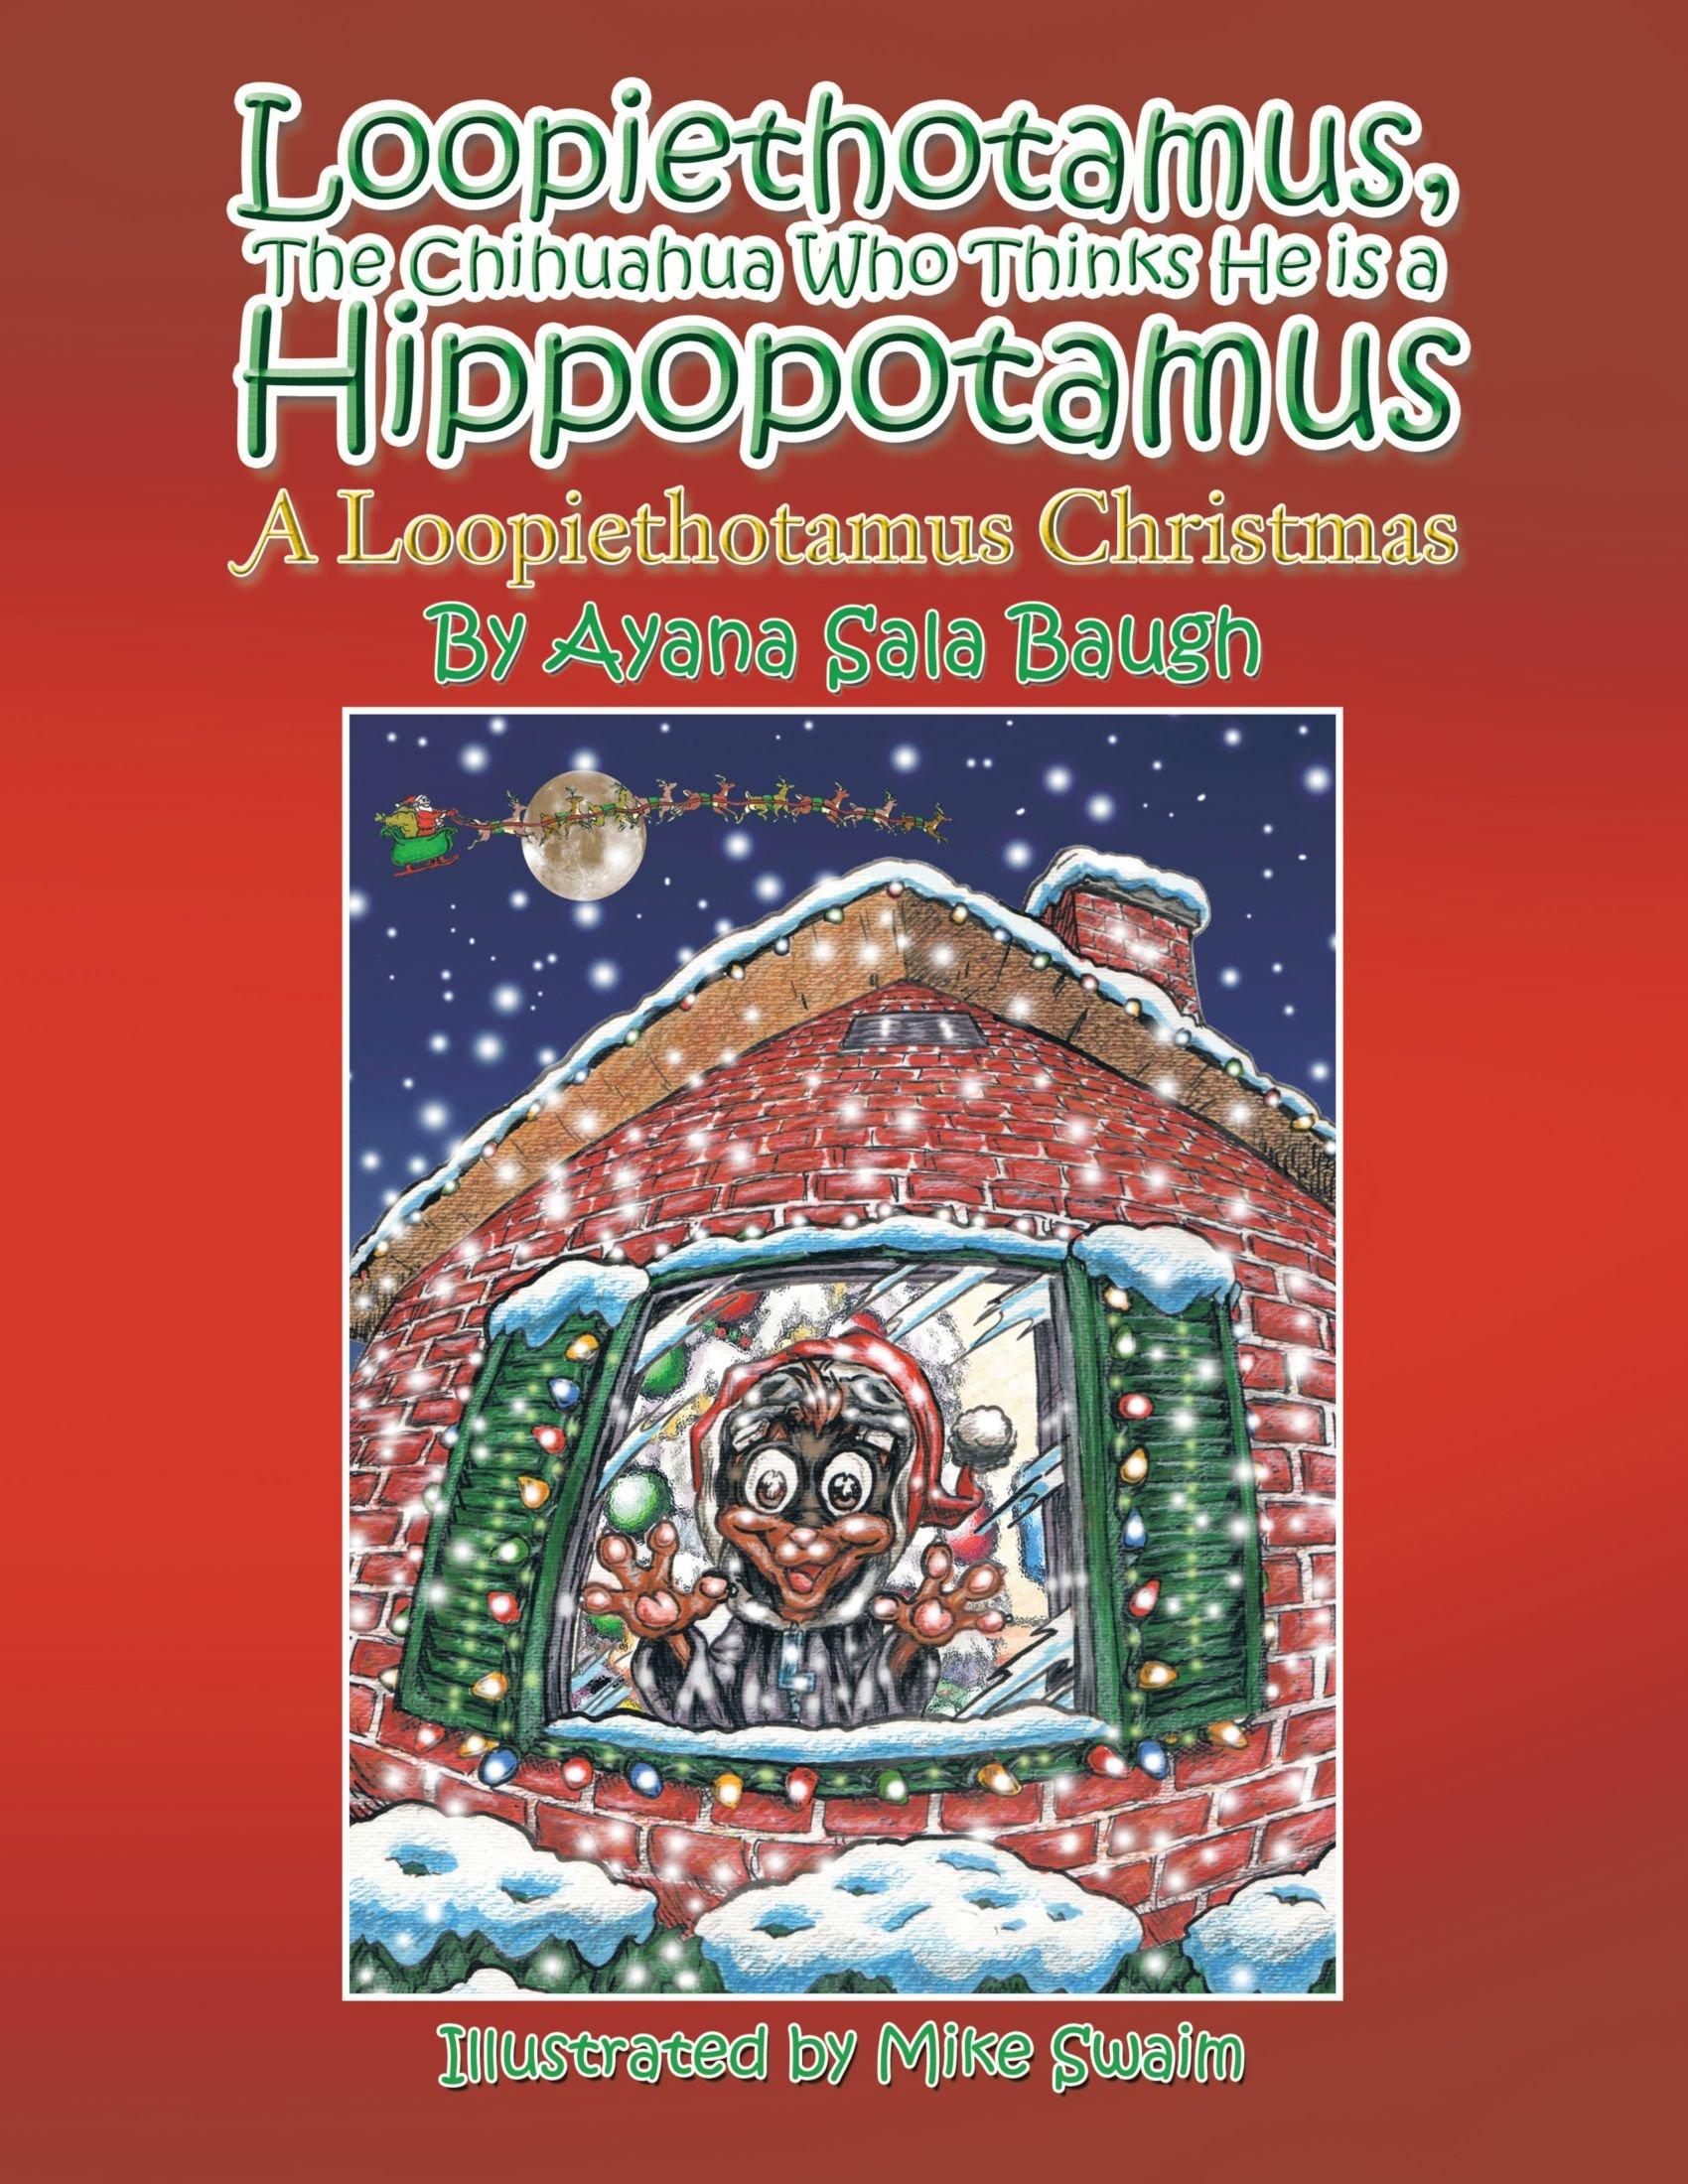 Read Online Loopiethotamus, the Chihuahua Who Thinks He is a Hippopotamus: A Loopiethotamus Christmas pdf